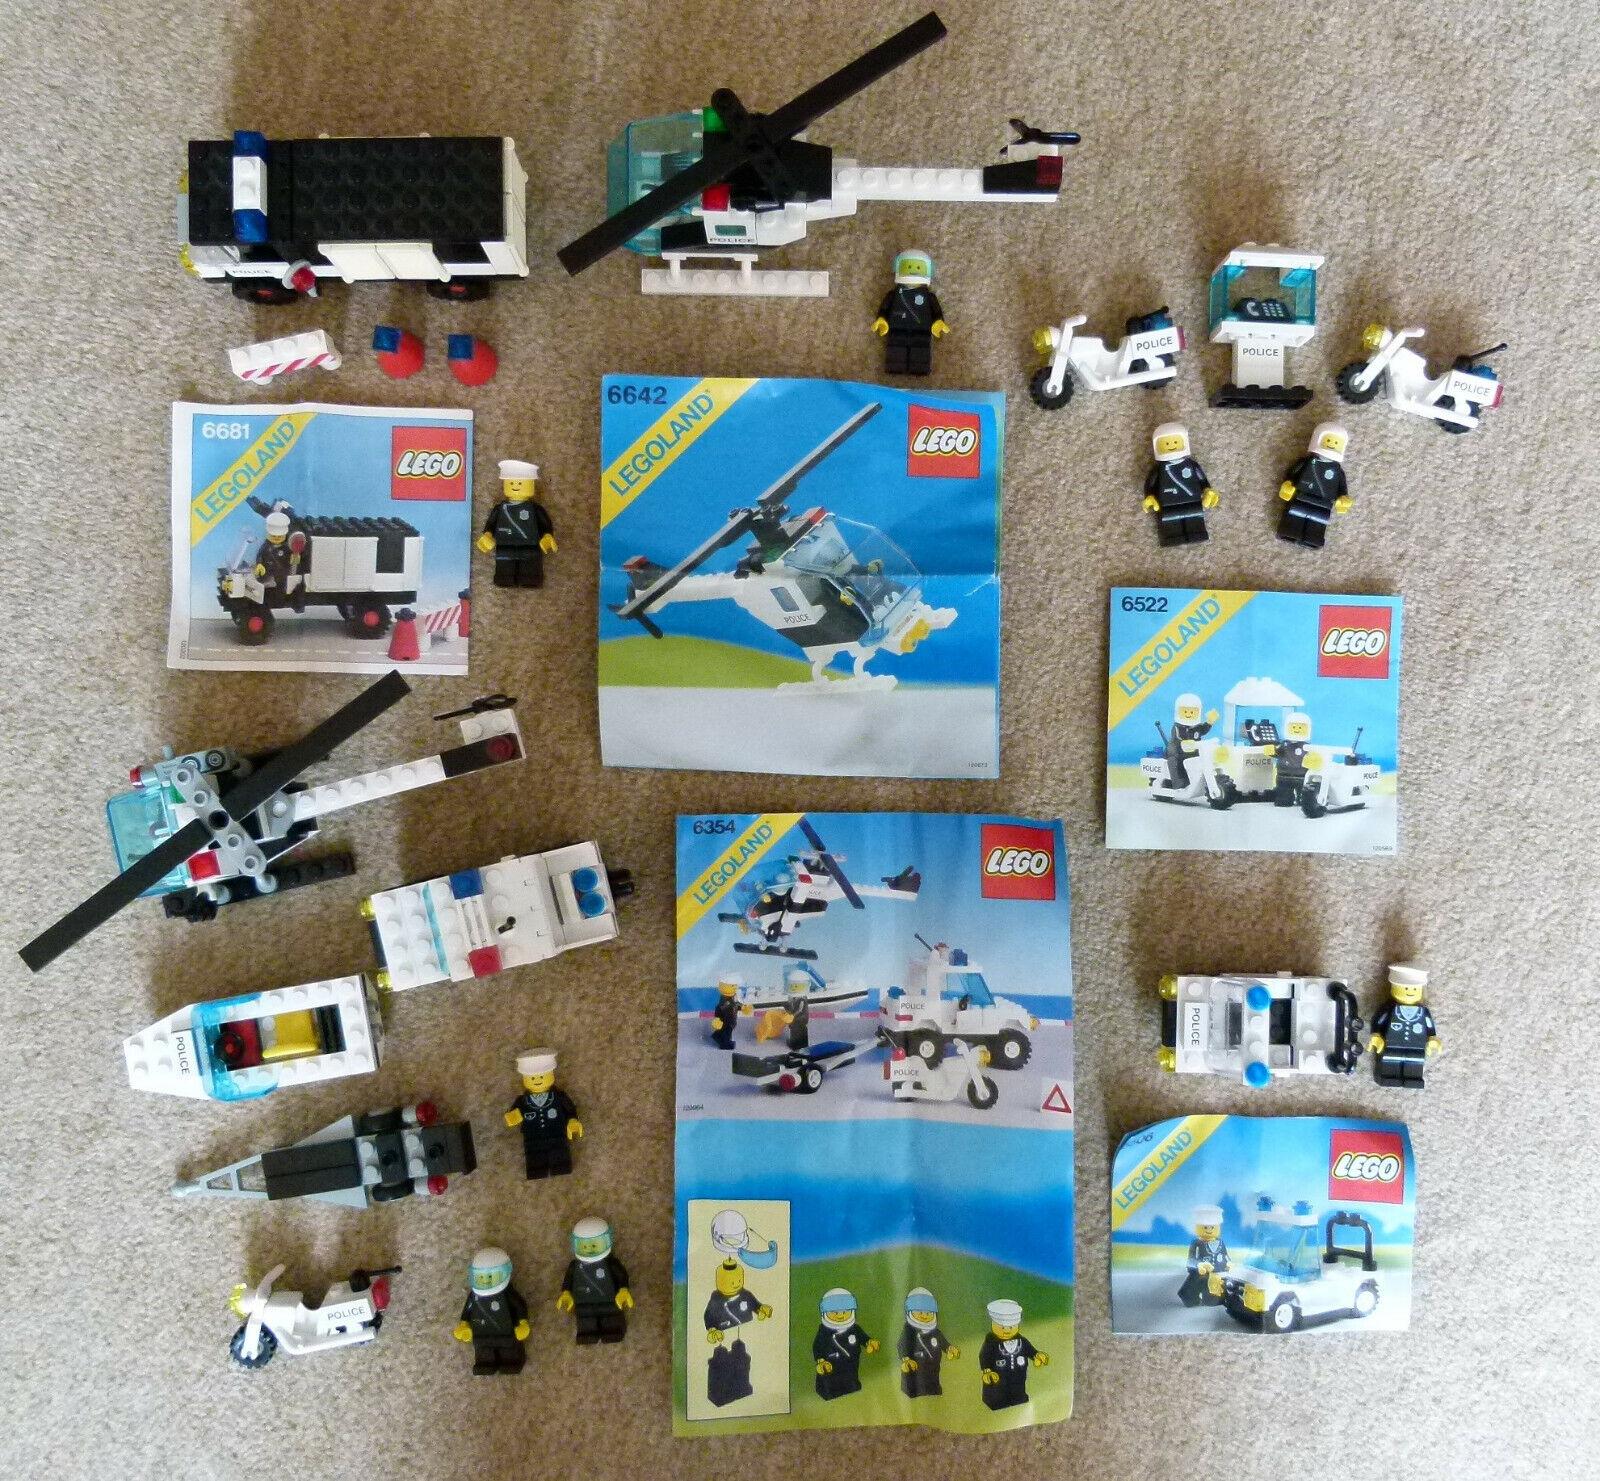 5 LEGO MODELLE 6354 6506 6522 6642 6681 POLIZEIHUBSCHRAUBER POLIZEI VAN HIGHWAY